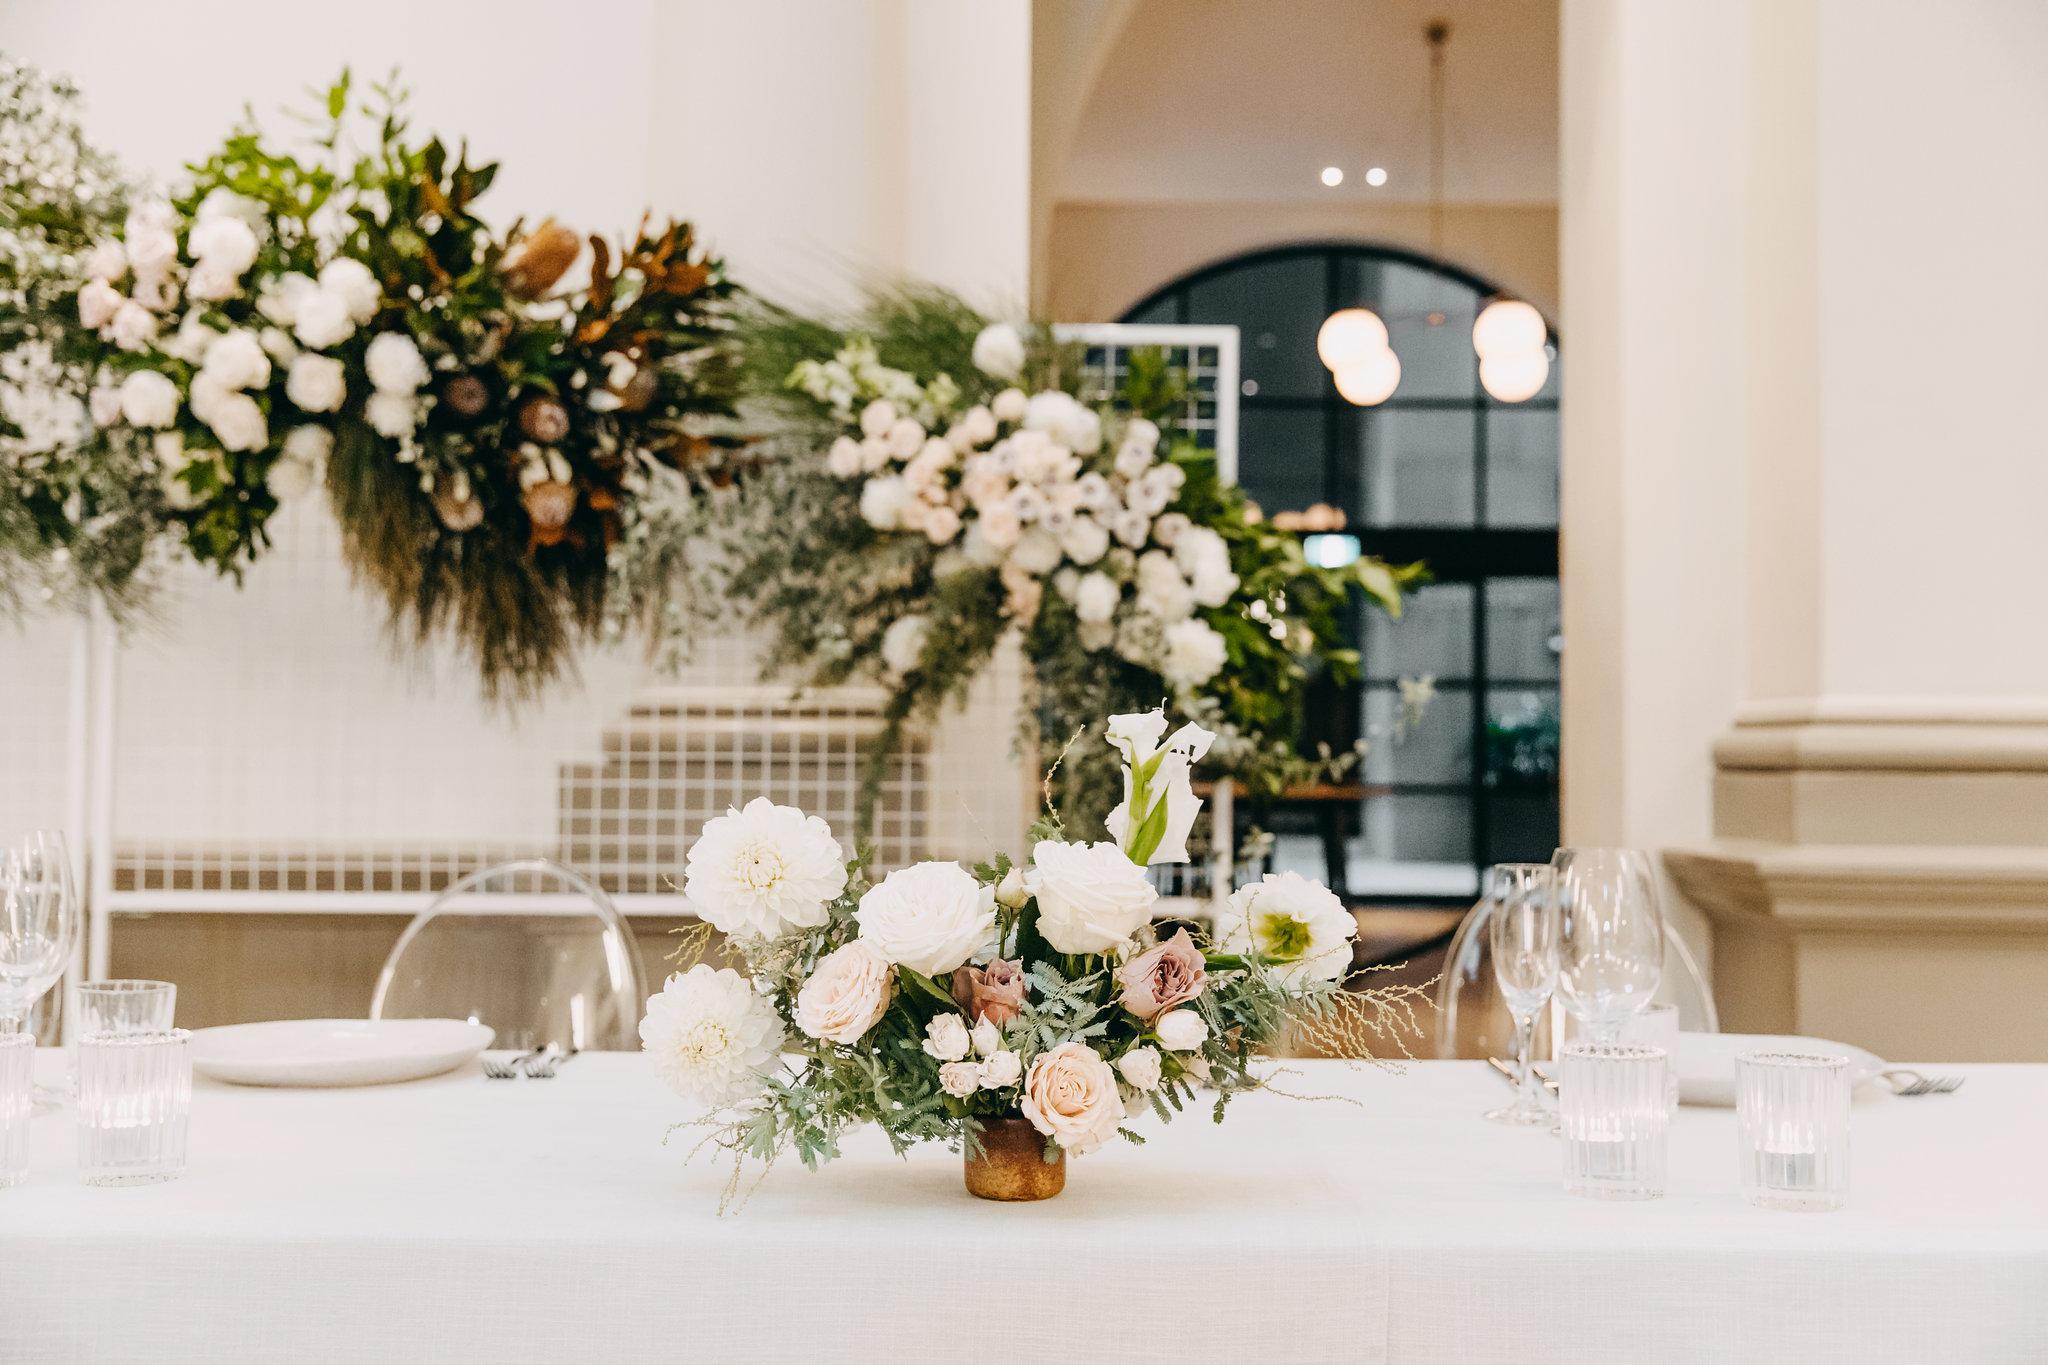 WEDDINGOPENDAY-STATEBUILDINGS-APR2018-50